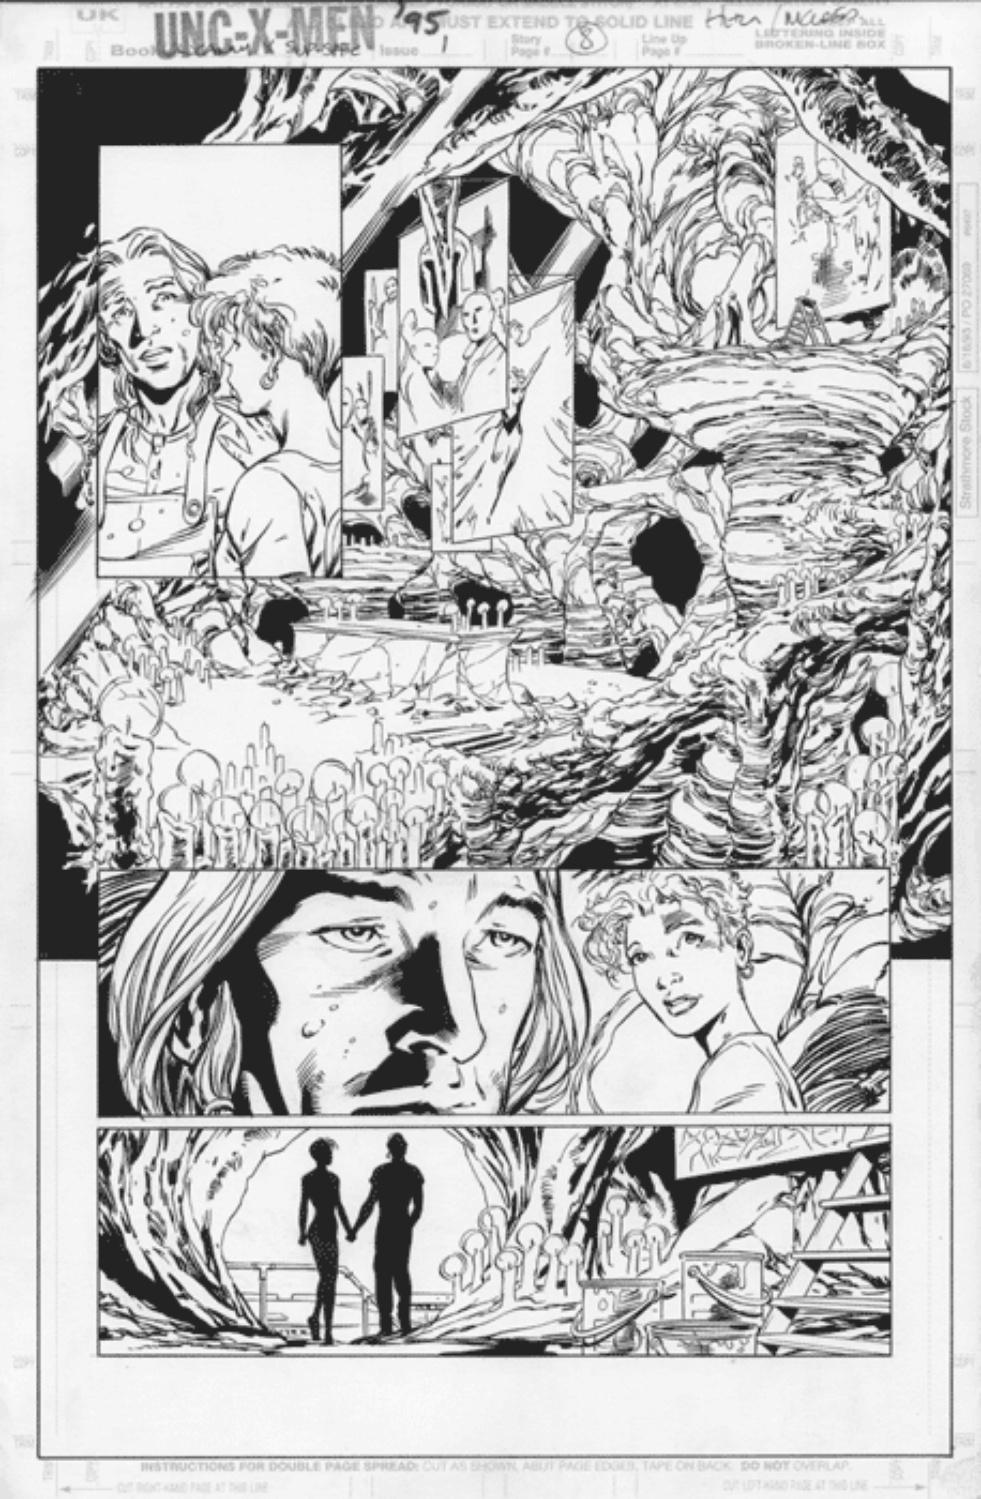 Uncanny X-Men 95 - 1 pg08